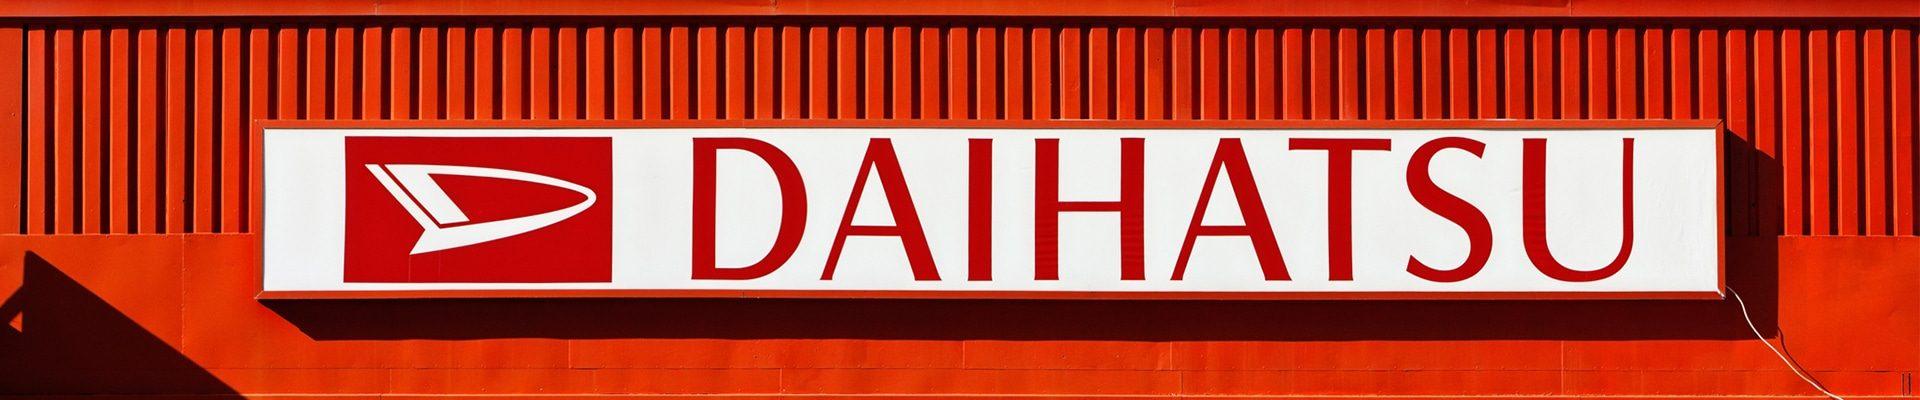 daihatsu banner image 2